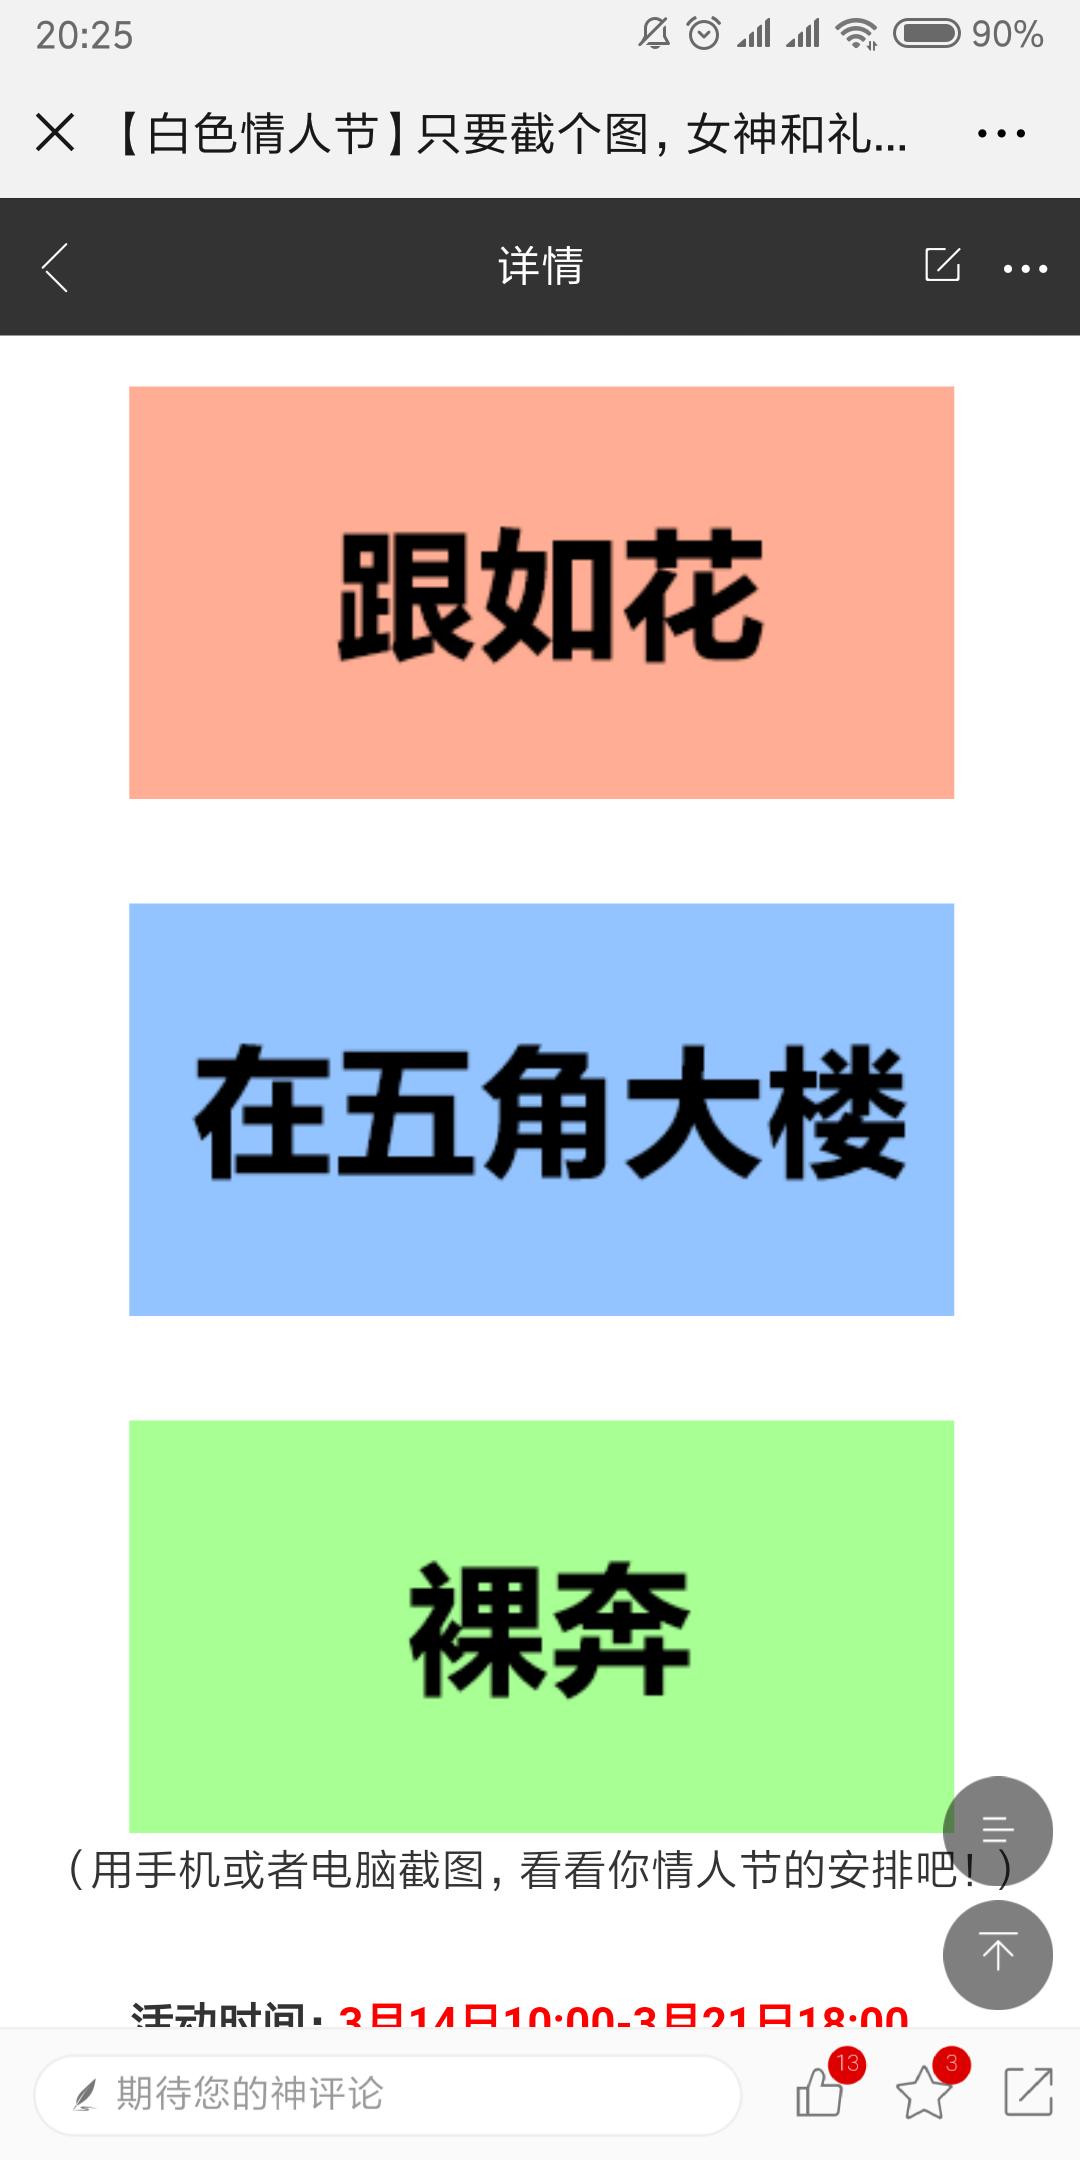 Screenshot_2019-03-13-20-25-40-057_com.tencent.mm.png